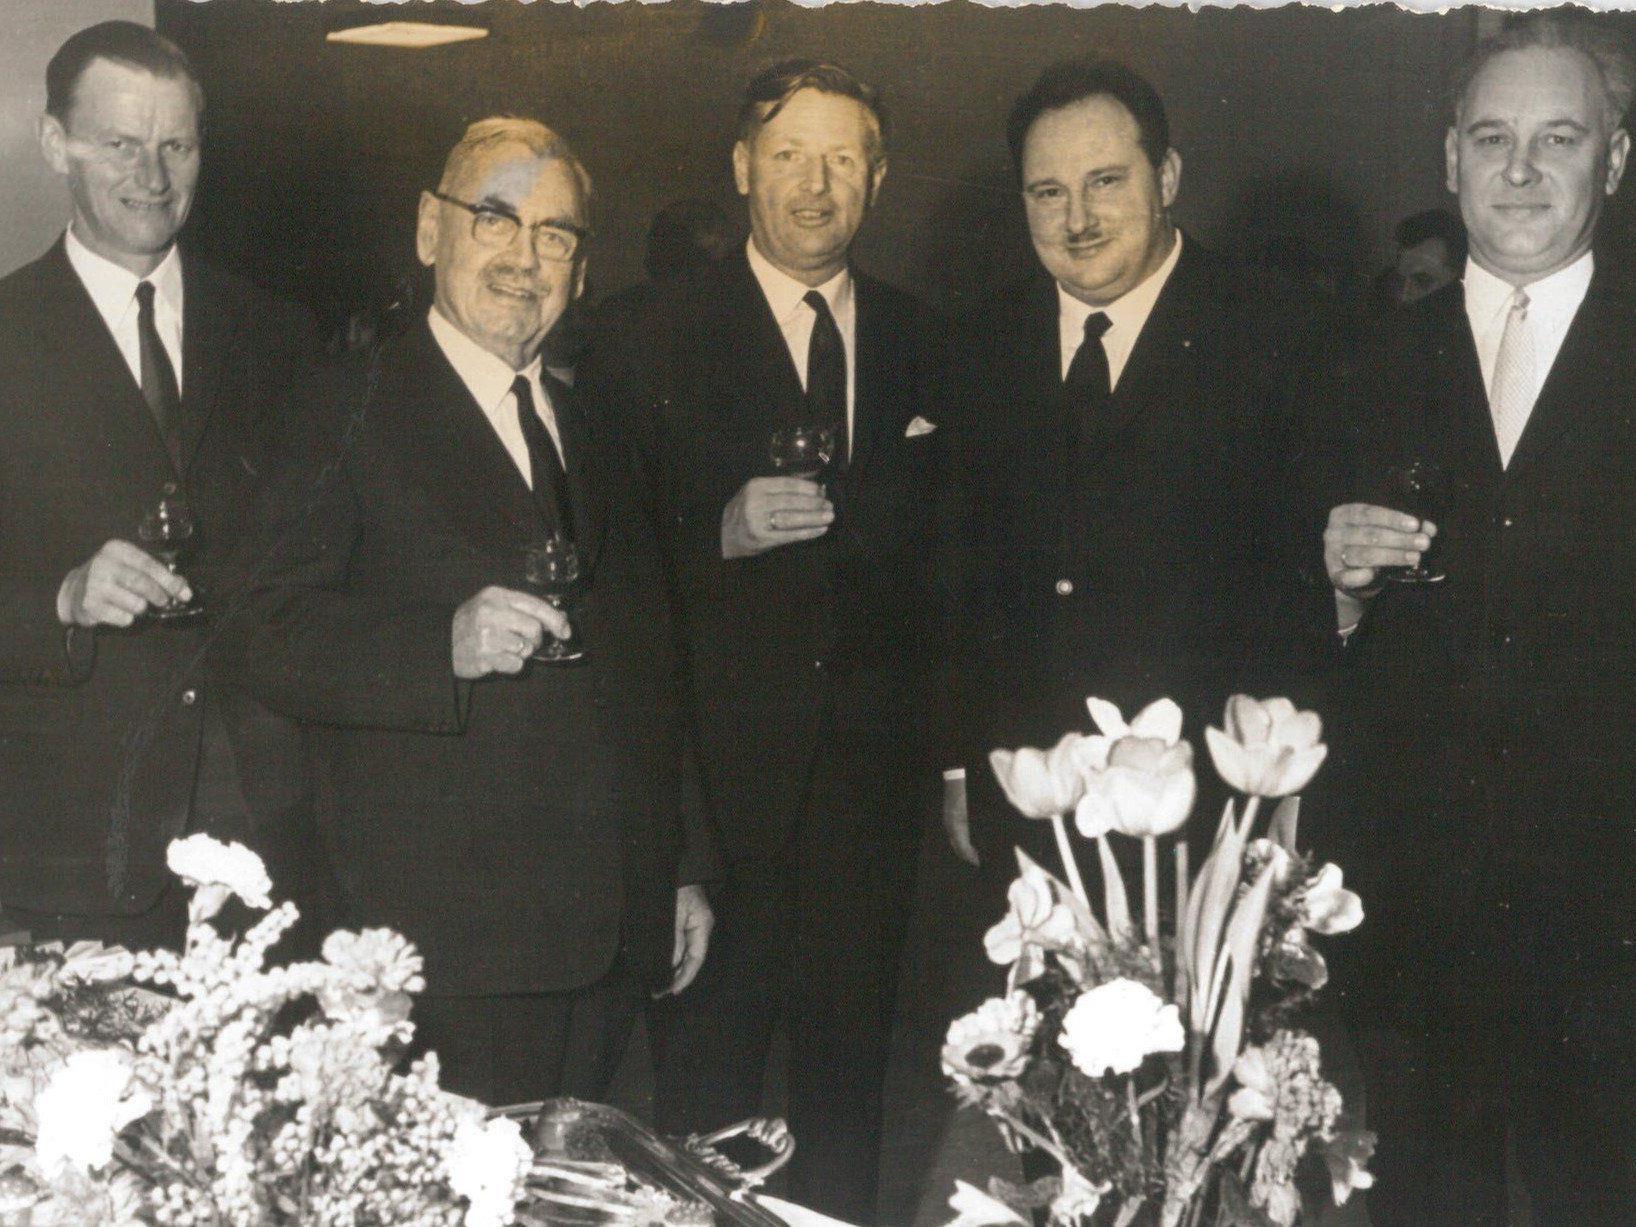 Der damalige Lochauer Bürgermeister Michael Mangold (2. von links) mit Bgm. Josef Degasper (Eichenberg), Bgm. Dr. Karl Tizian (Bregenz), Gemeinderat Josef Rupp (Lochau) und Bgm. Severin Sigg (Hörbranz) bei der Verleihung der Ehrenbürgerschaft am 11. März 1967.